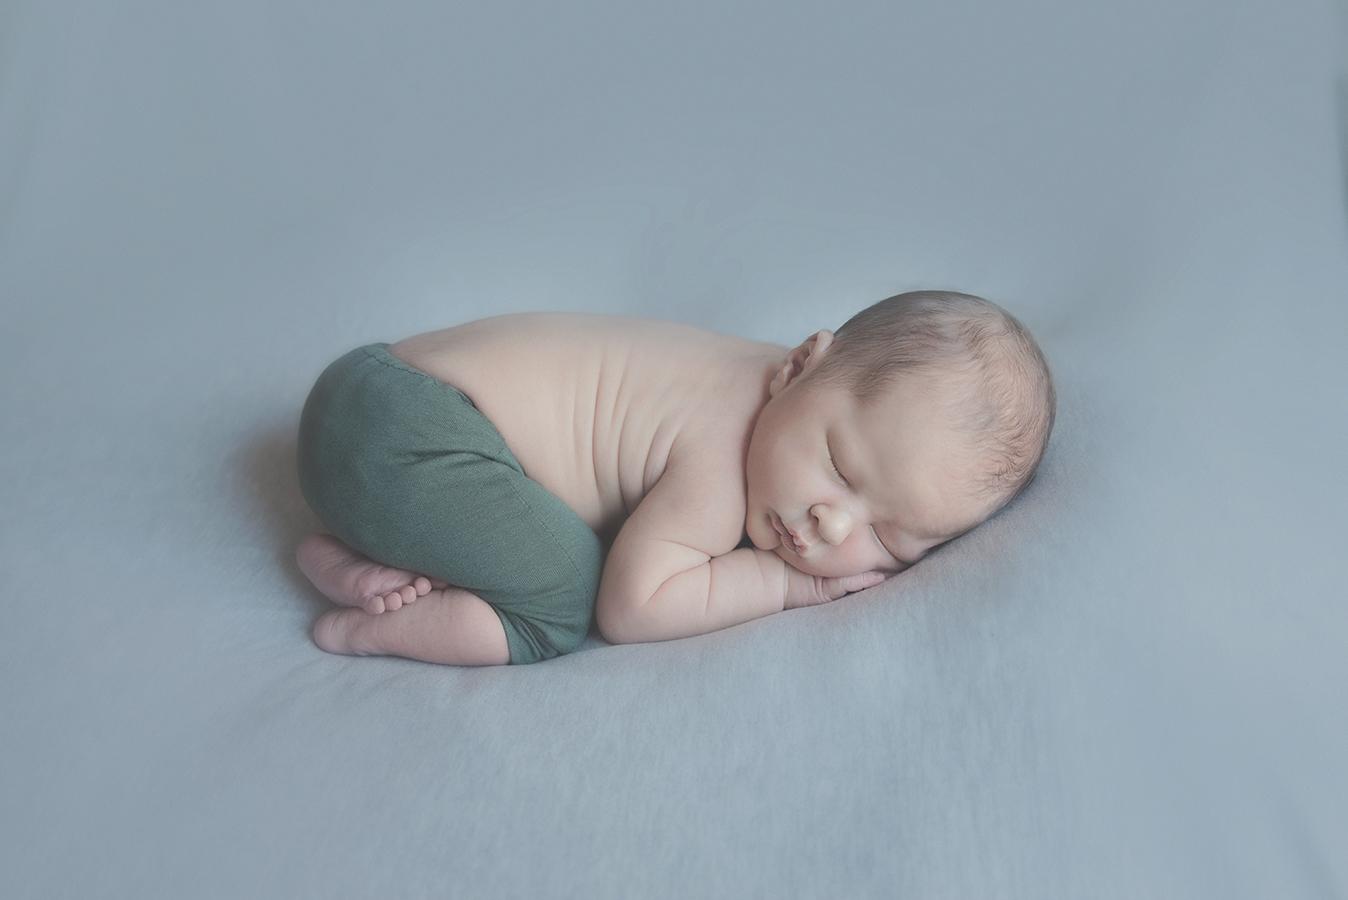 seance photo de naissance en studio photographe de nouveau né sur tourcoing lille - one moment photographie